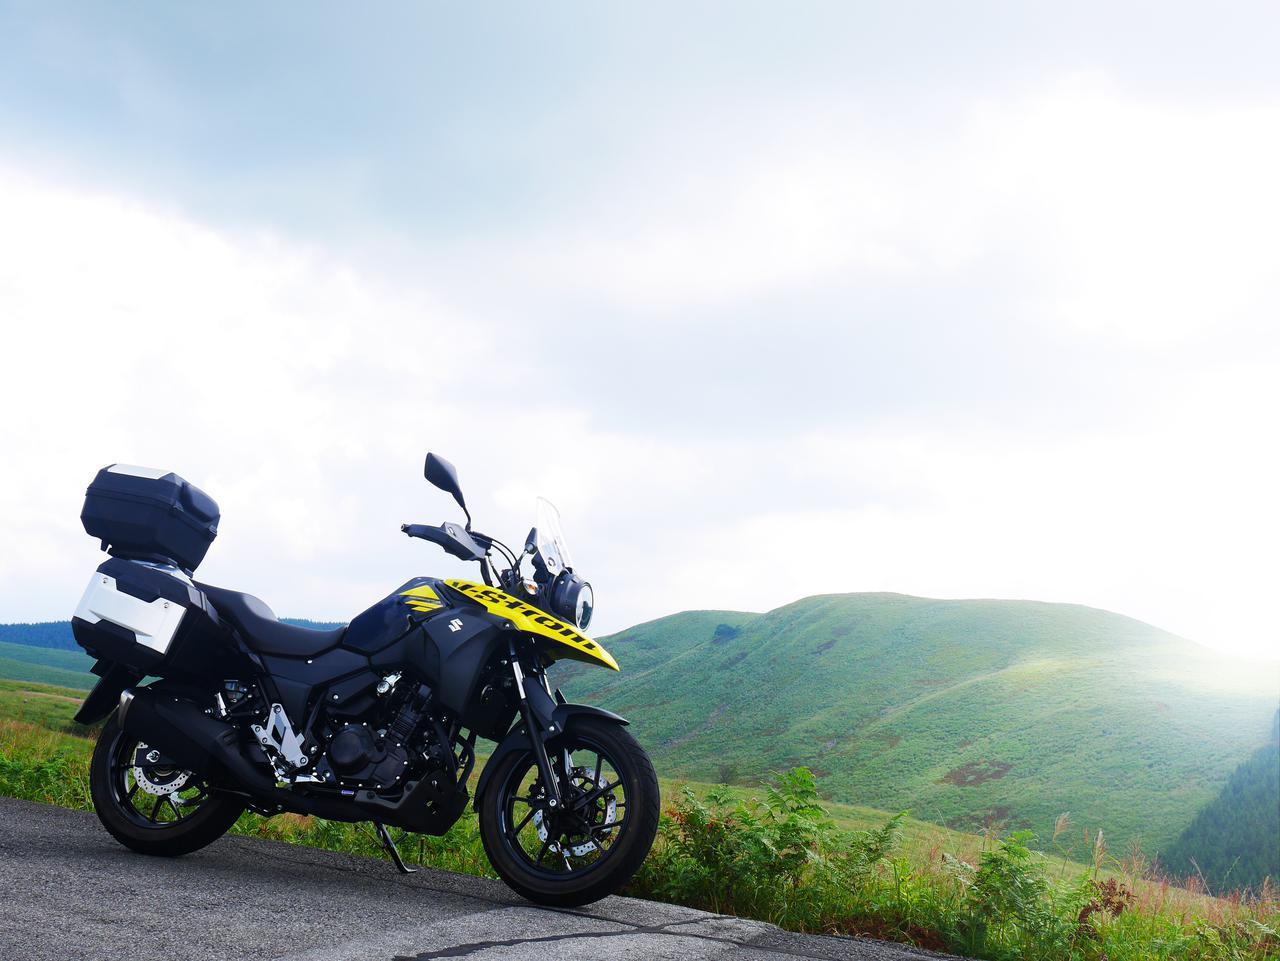 画像2: ツーリング特化型250ccバイクのスズキ『Vストローム250』のキャンペーンがスタート!